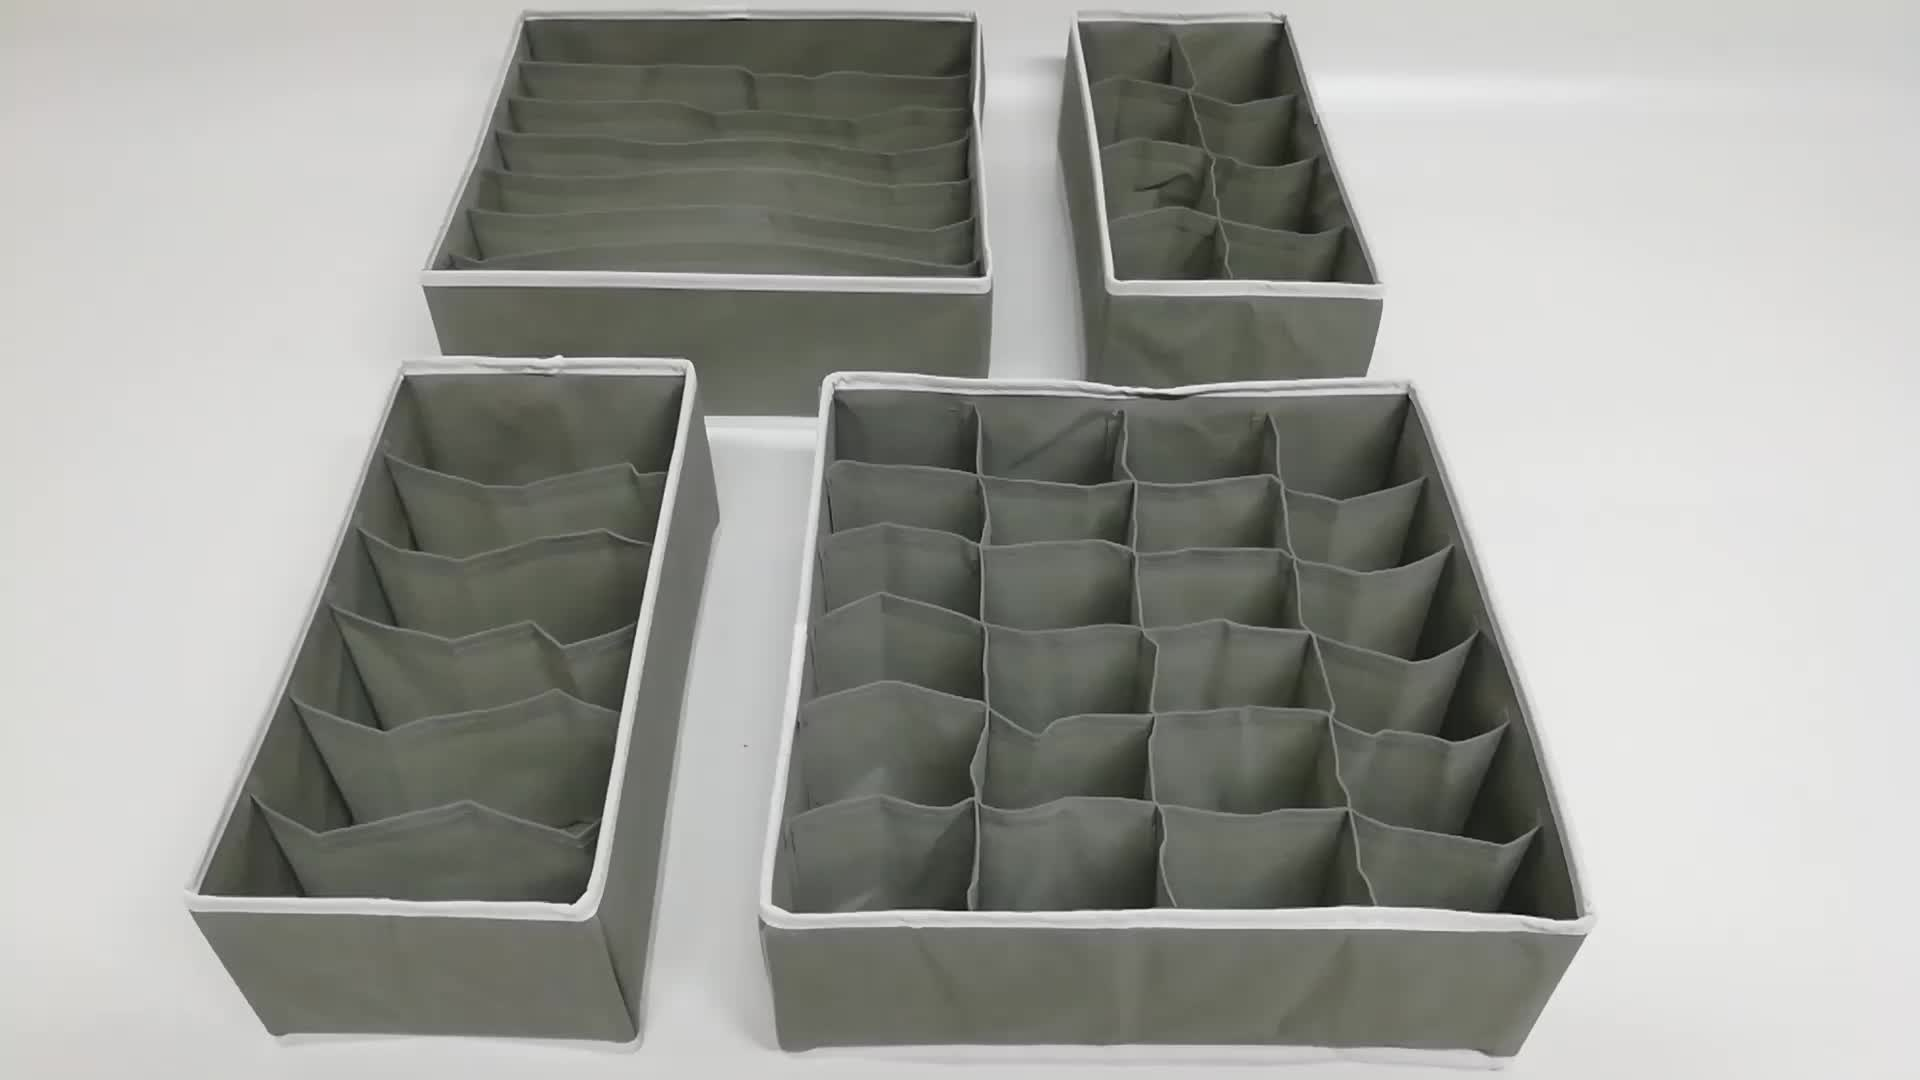 4 เซ็ตในบ้านตู้เสื้อผ้าลิ้นชัก D Ivider สีเทาชุดชั้นในการจัดเก็บชุดชั้นในออแกไนเซอร์จัดเก็บ